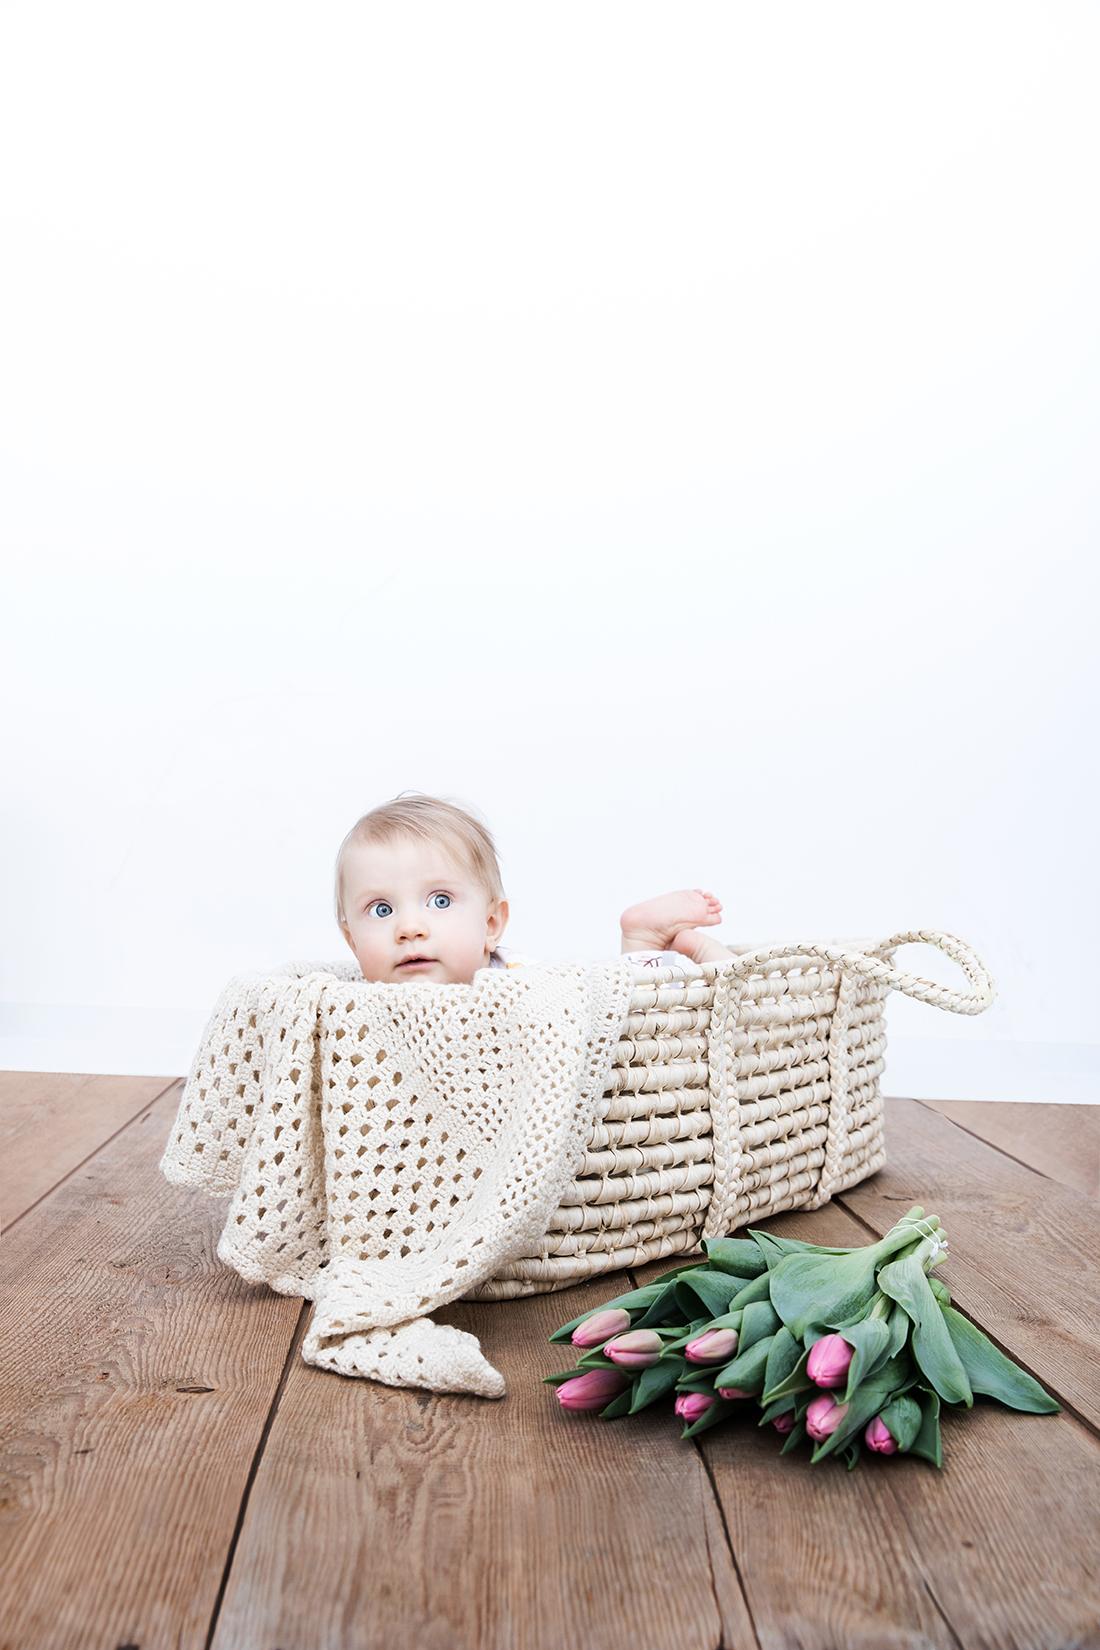 Babyportrait in Weidenkorb © Miriam Ellerbrake/ Little Monkey Fotografie 2015